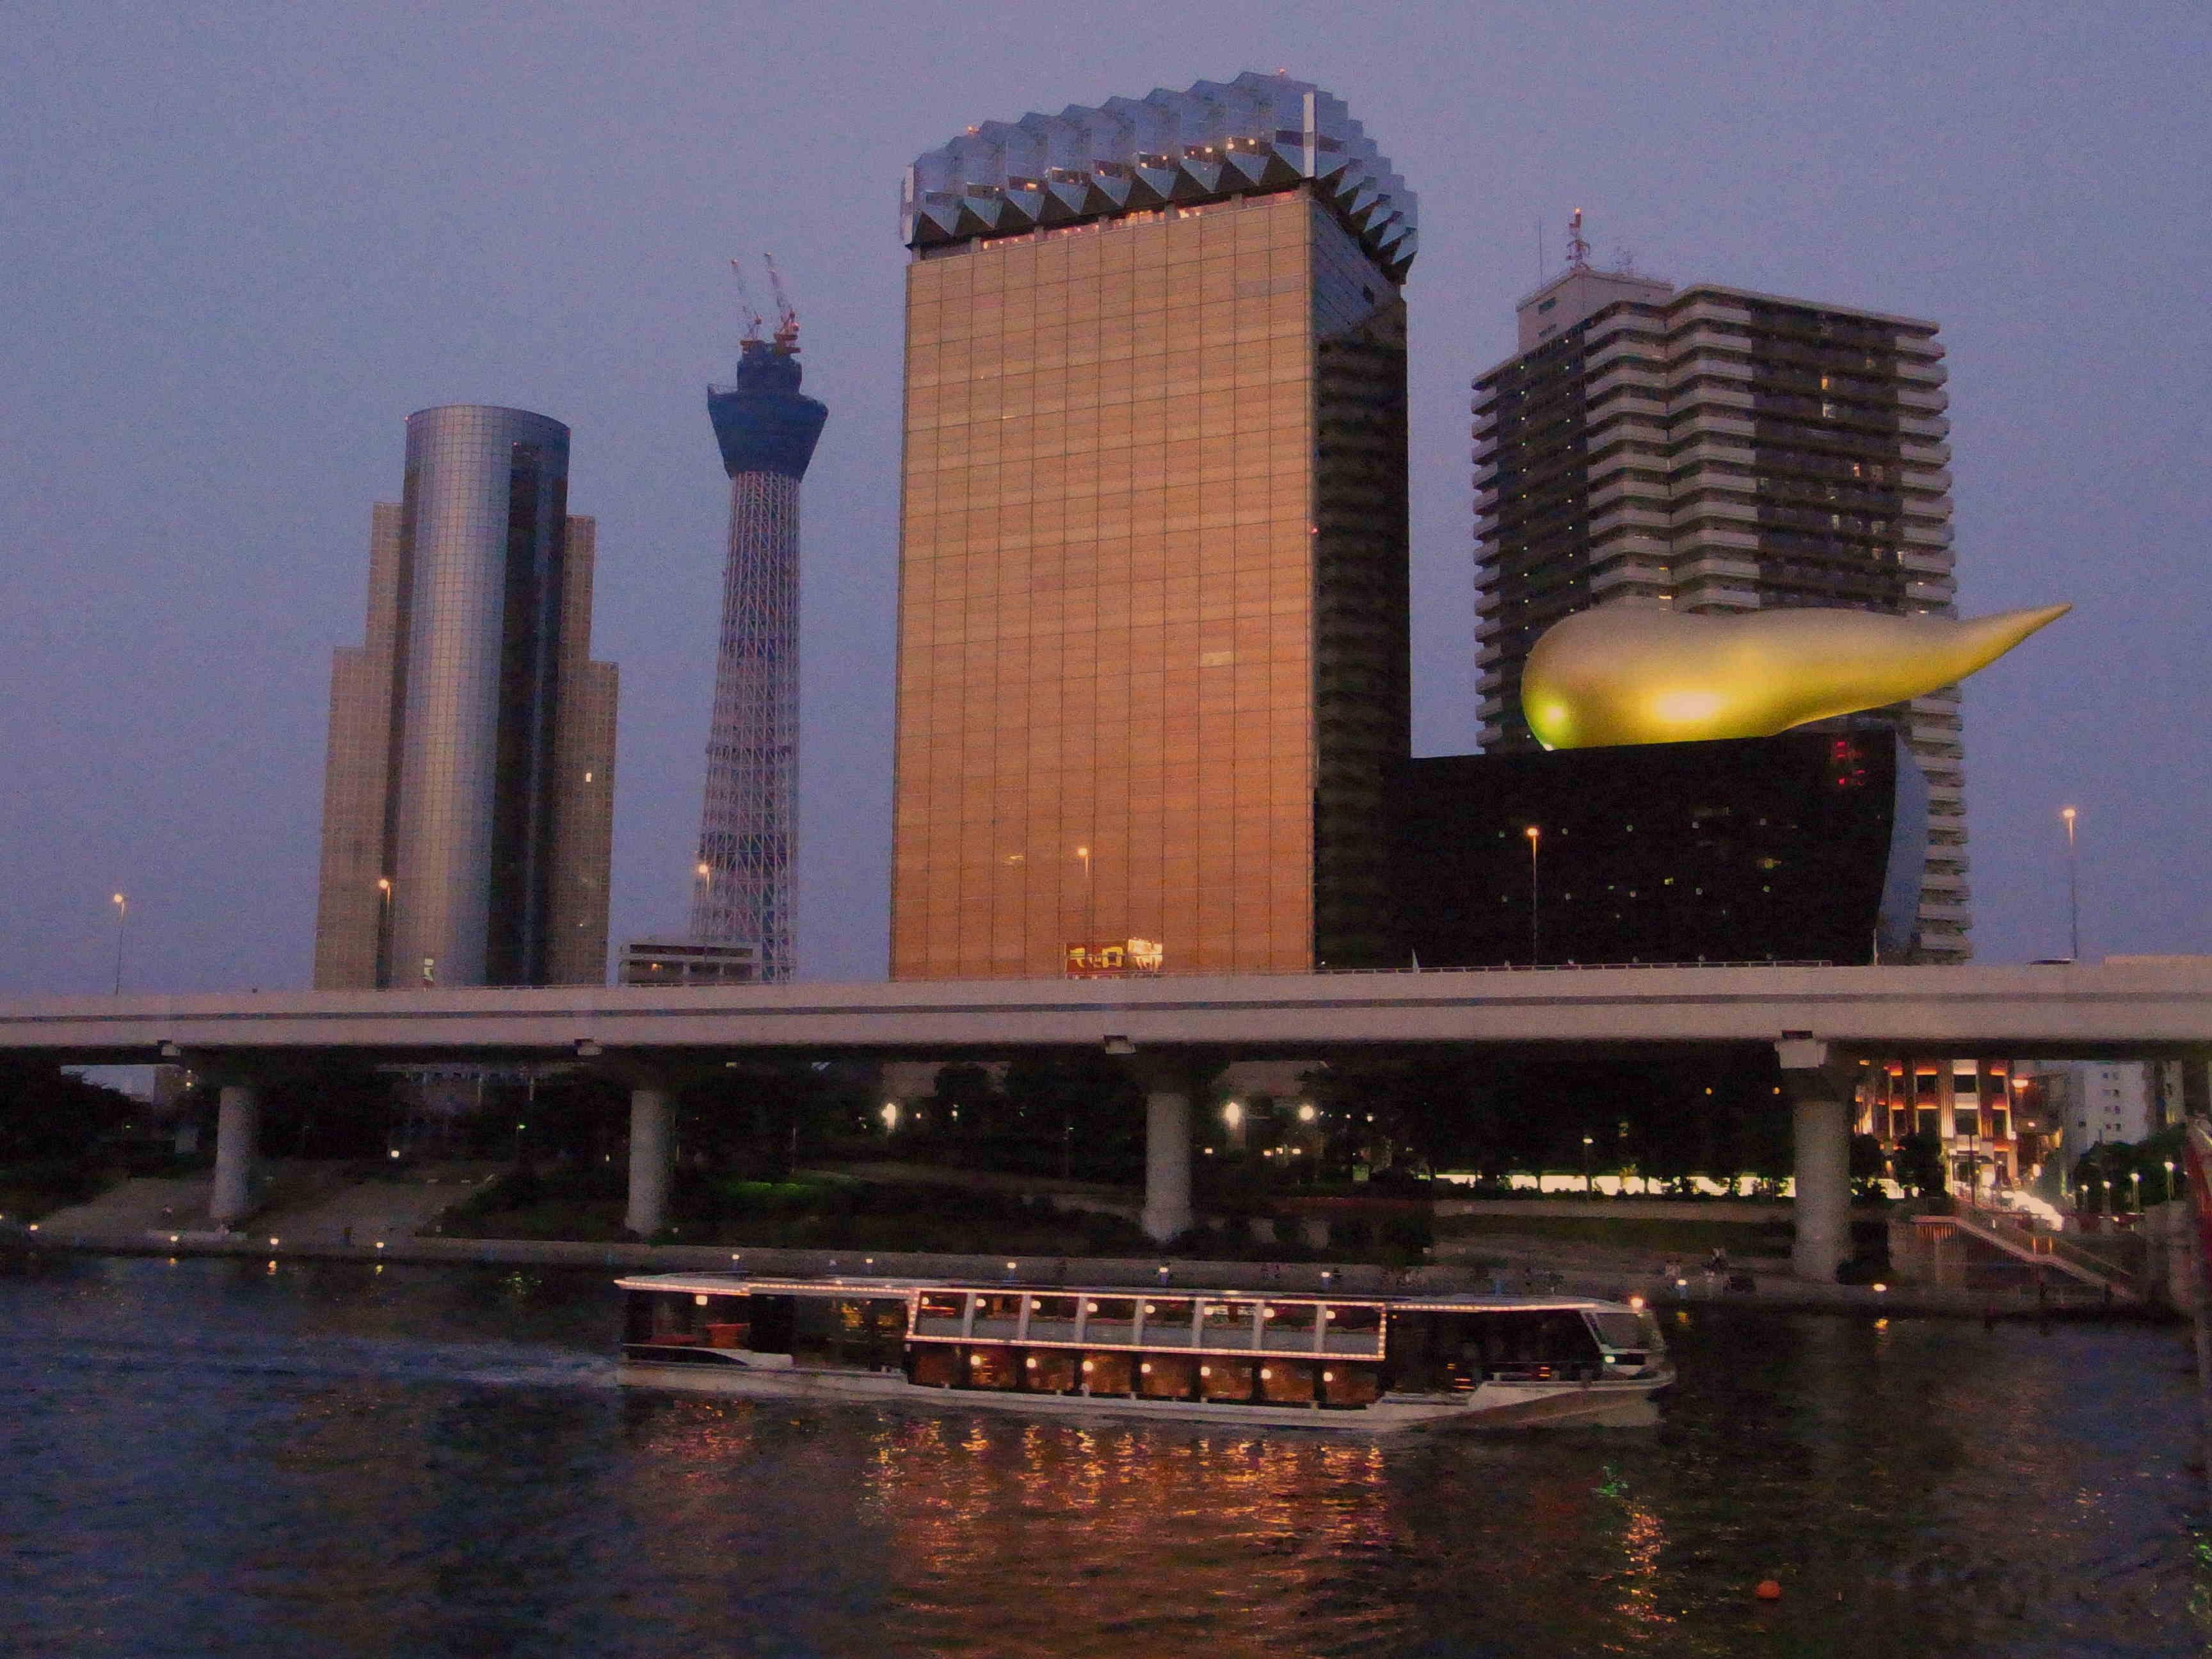 墨田区ビル群の前を通過する水上バス